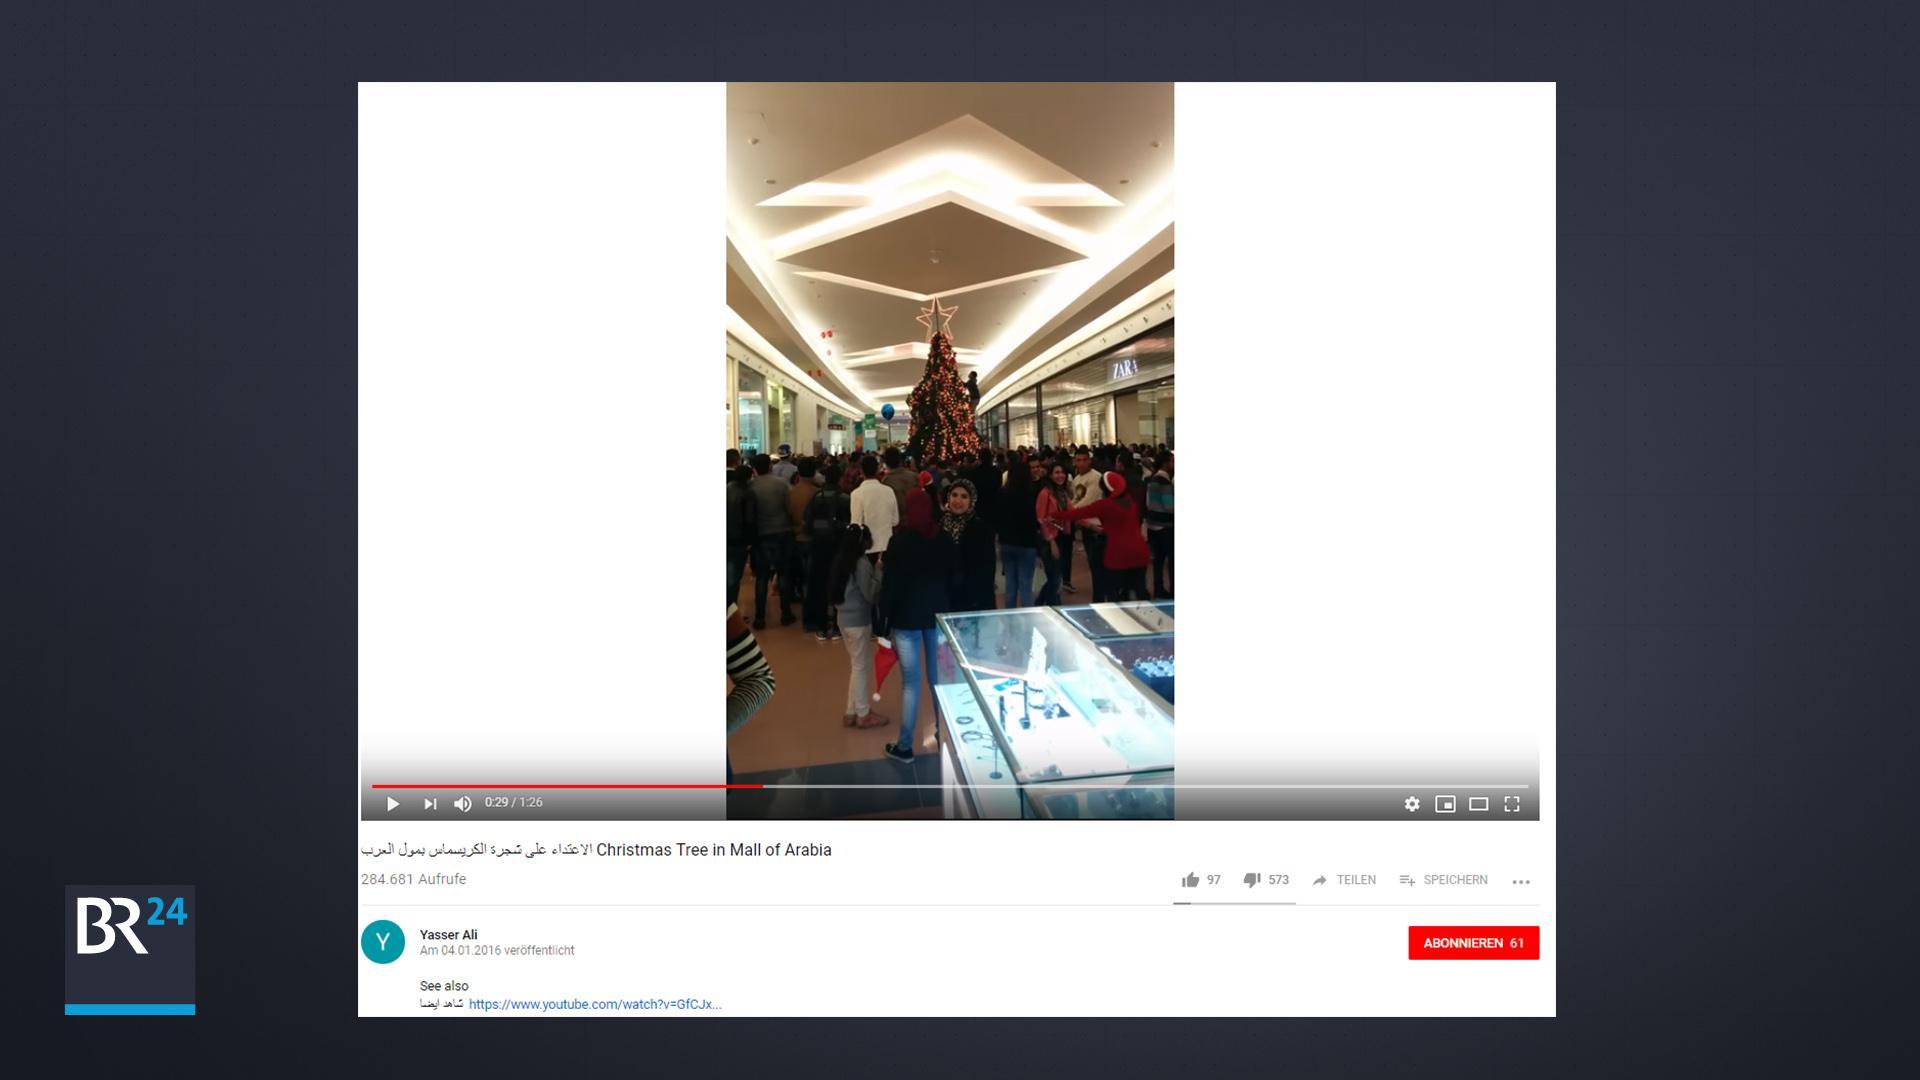 Die vermutlich erste im Internet veröffentlichte Version des Videos ist datiert auf den 4. Januar 2016.